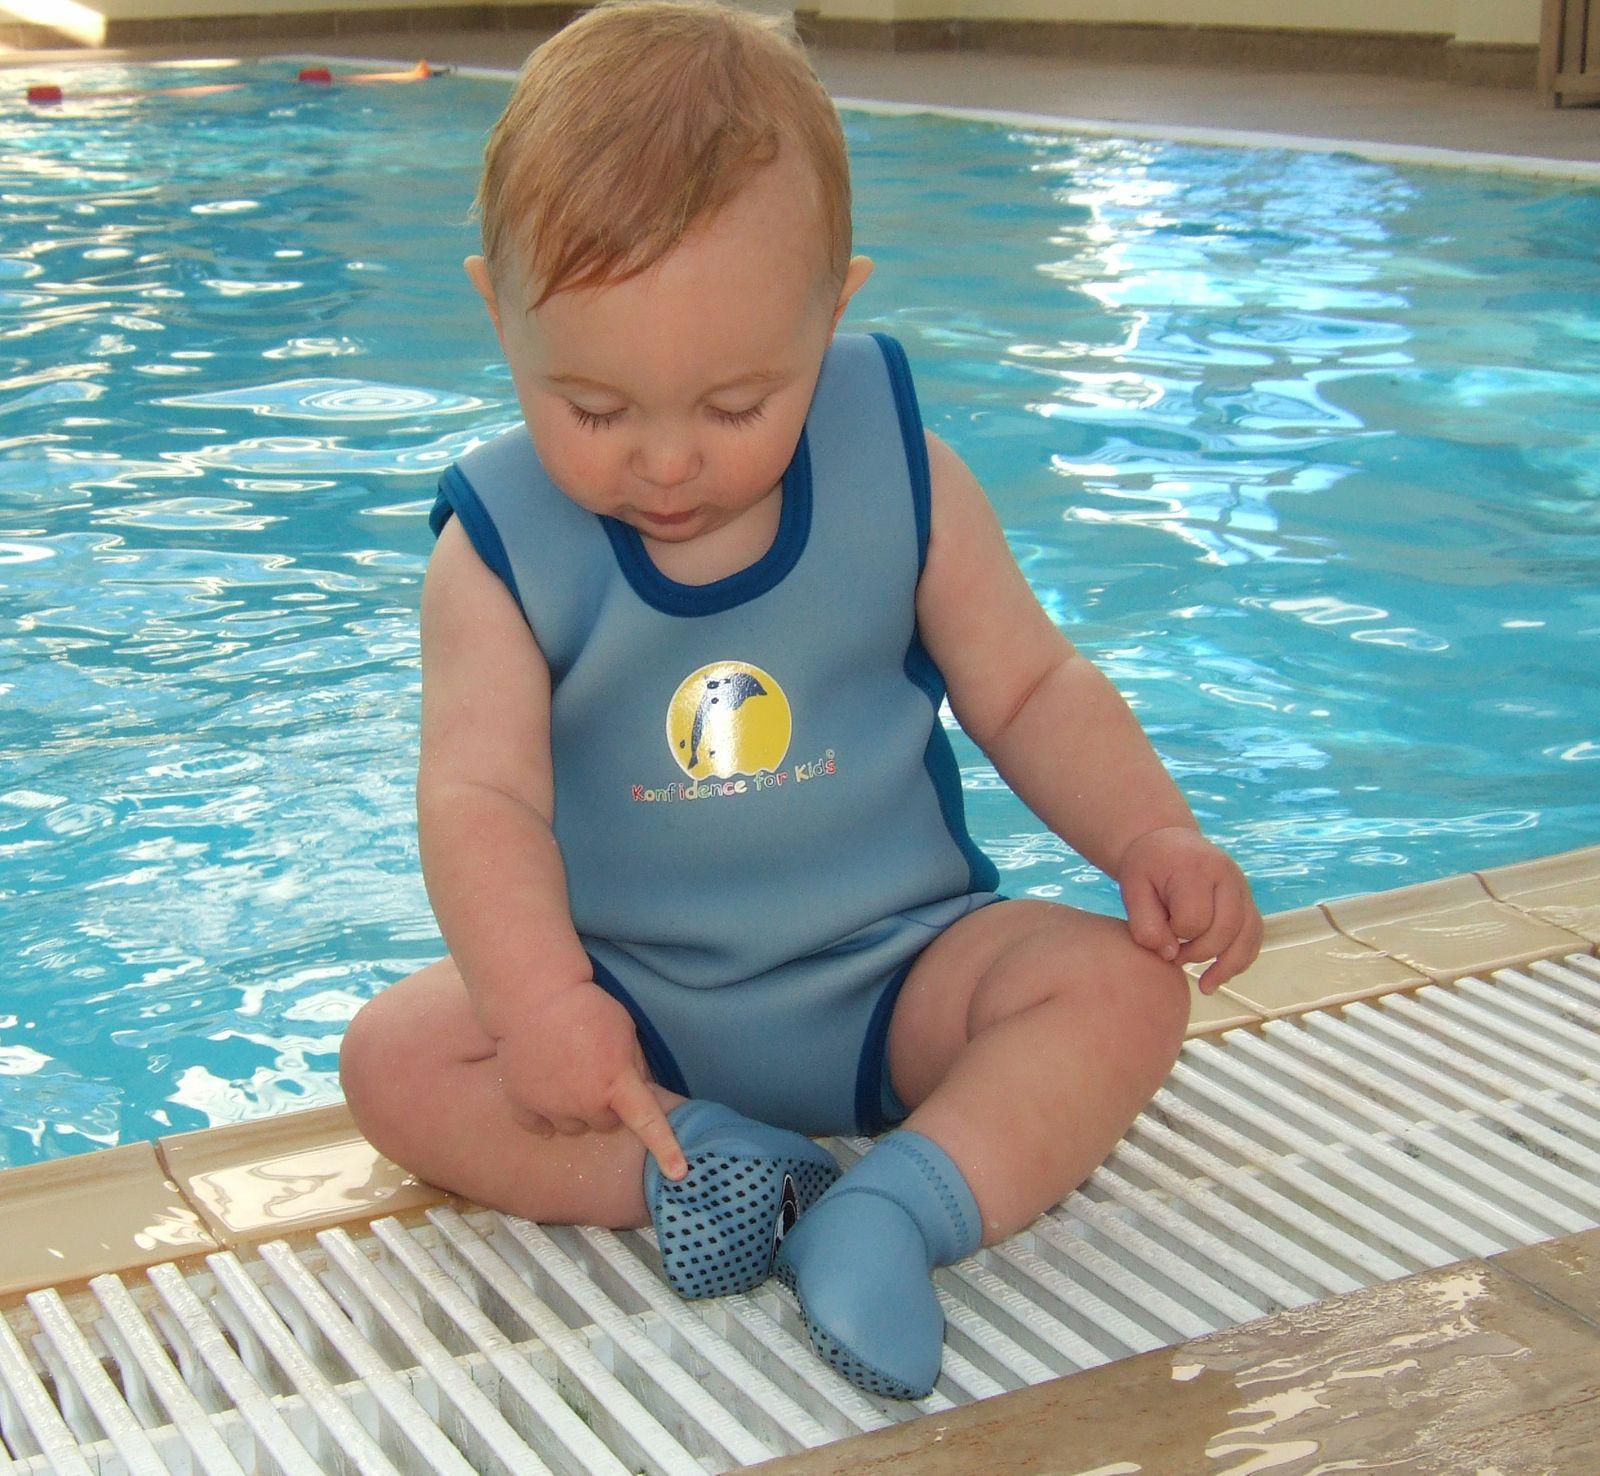 Konfidence Neopren Stopper-Socken für Babys mit umfangreichem Schwimmratgeber – Bild 8